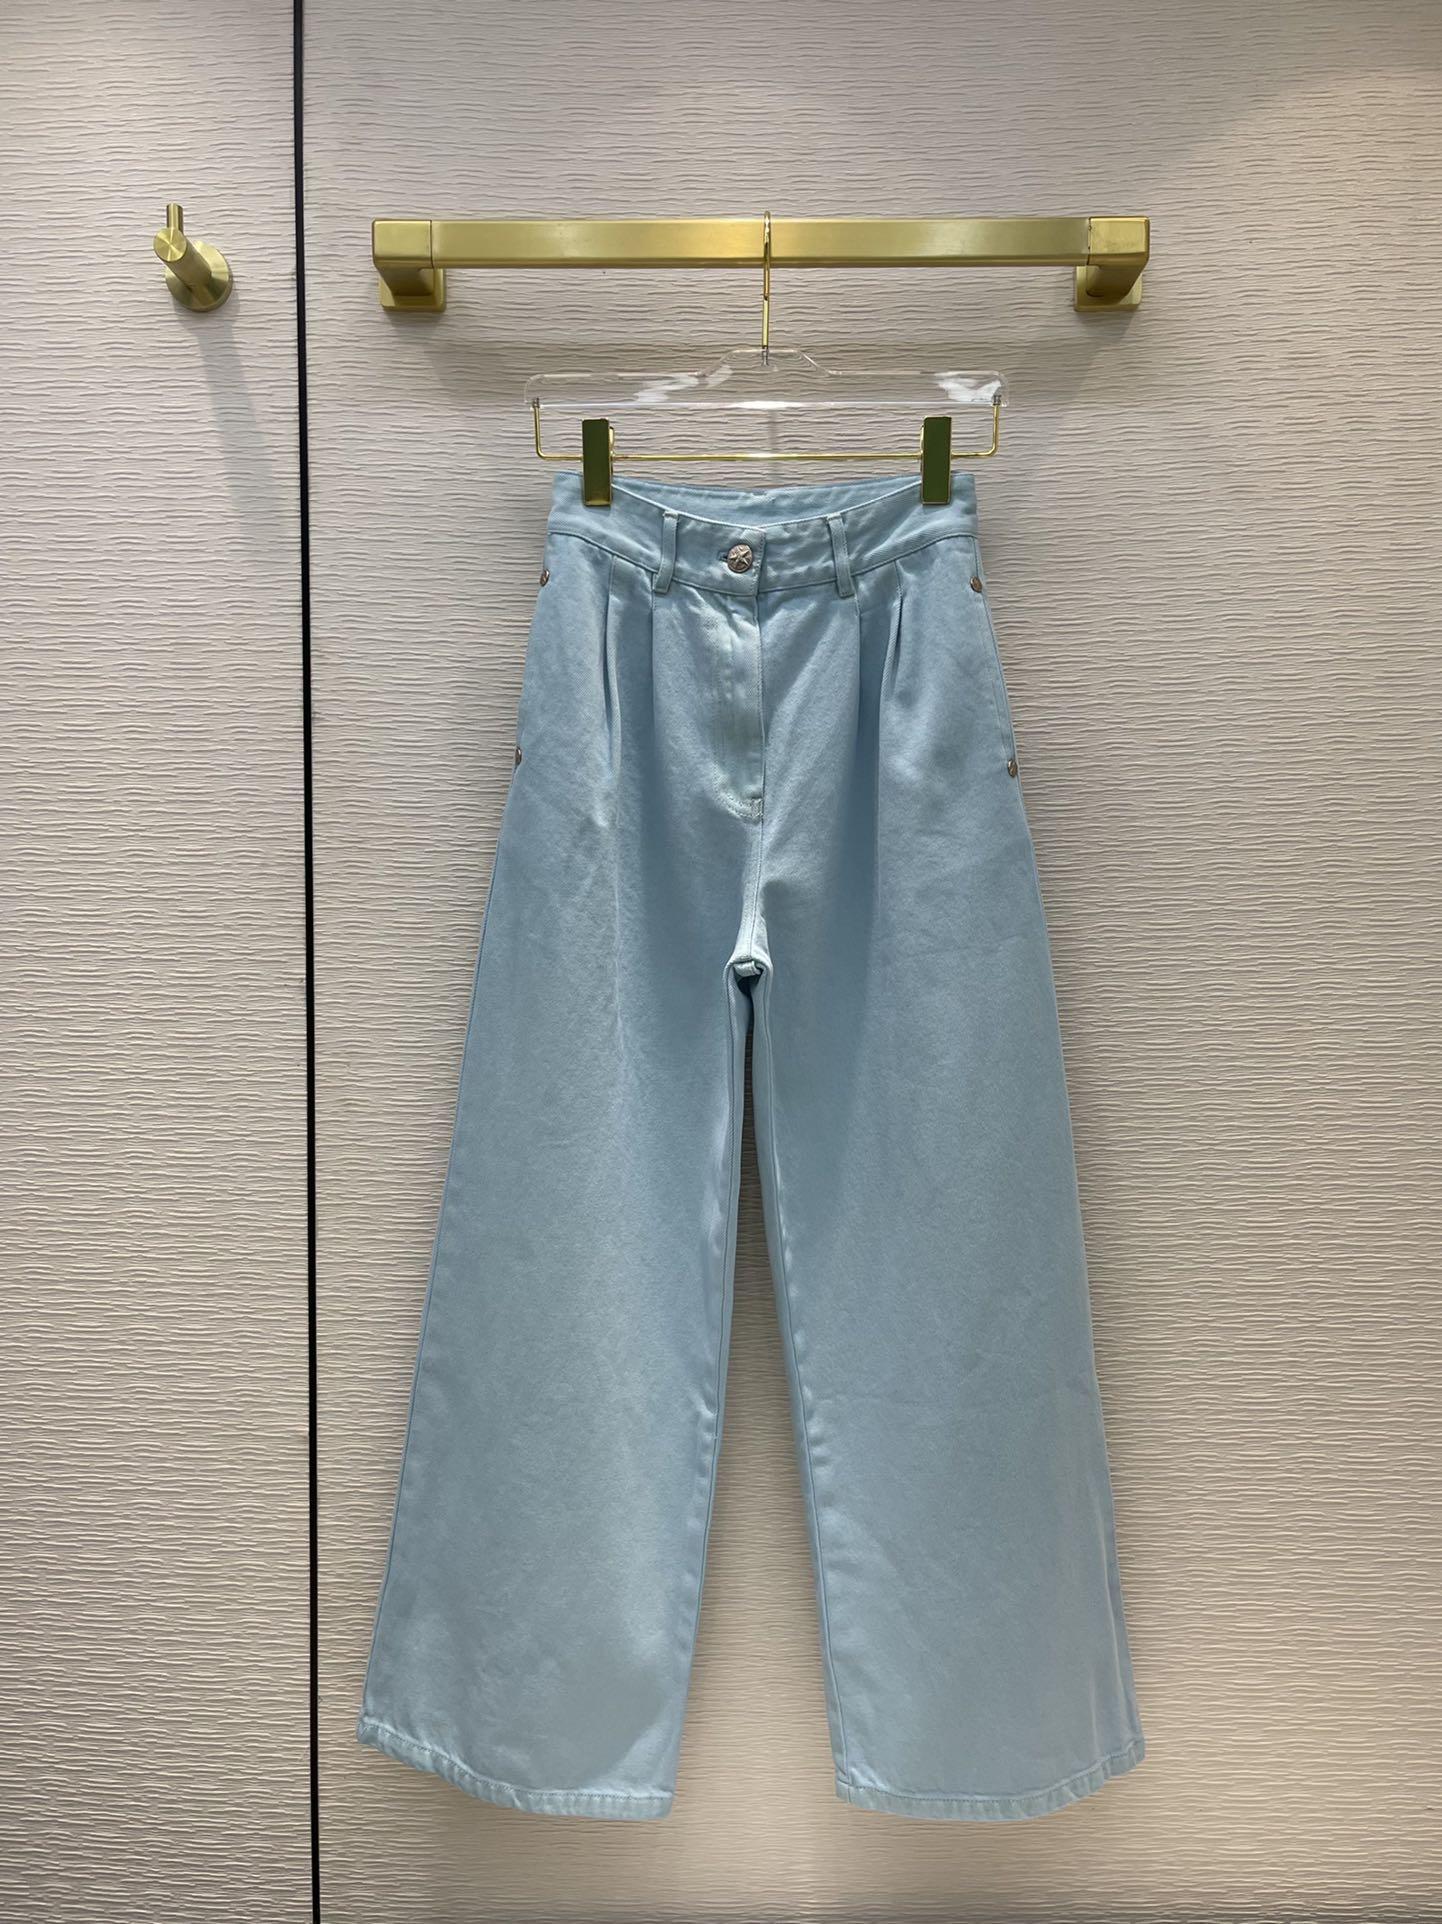 Milan Pist Jeans 2021 Sonbahar Moda Tasarımcısı Geniş Bacak Marka Aynı Stil Lüks Bayan Giyim 0611-3